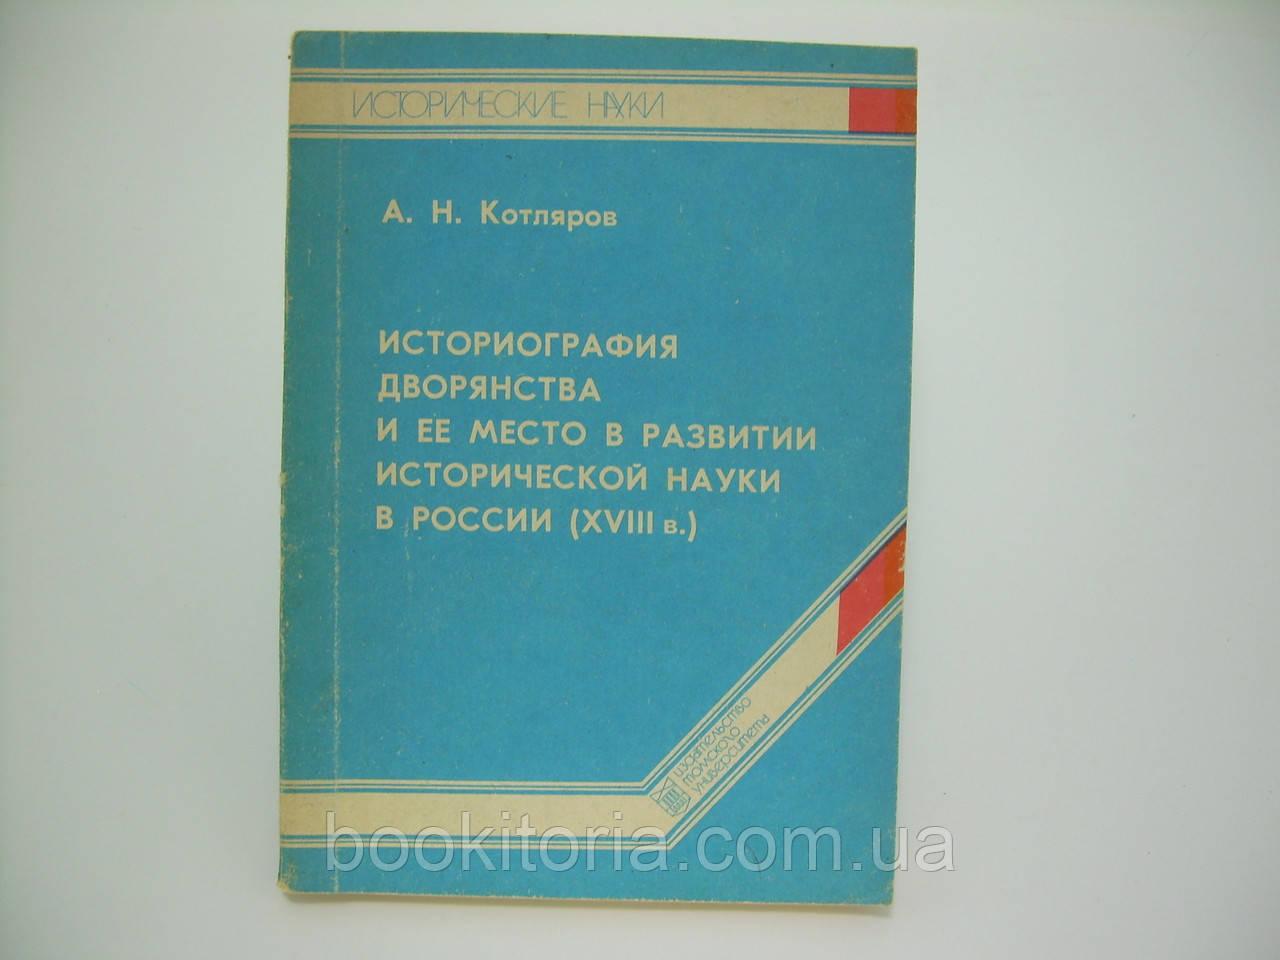 Котляров А.Н. Историография дворянства и ее место в развитии исторической науки в России